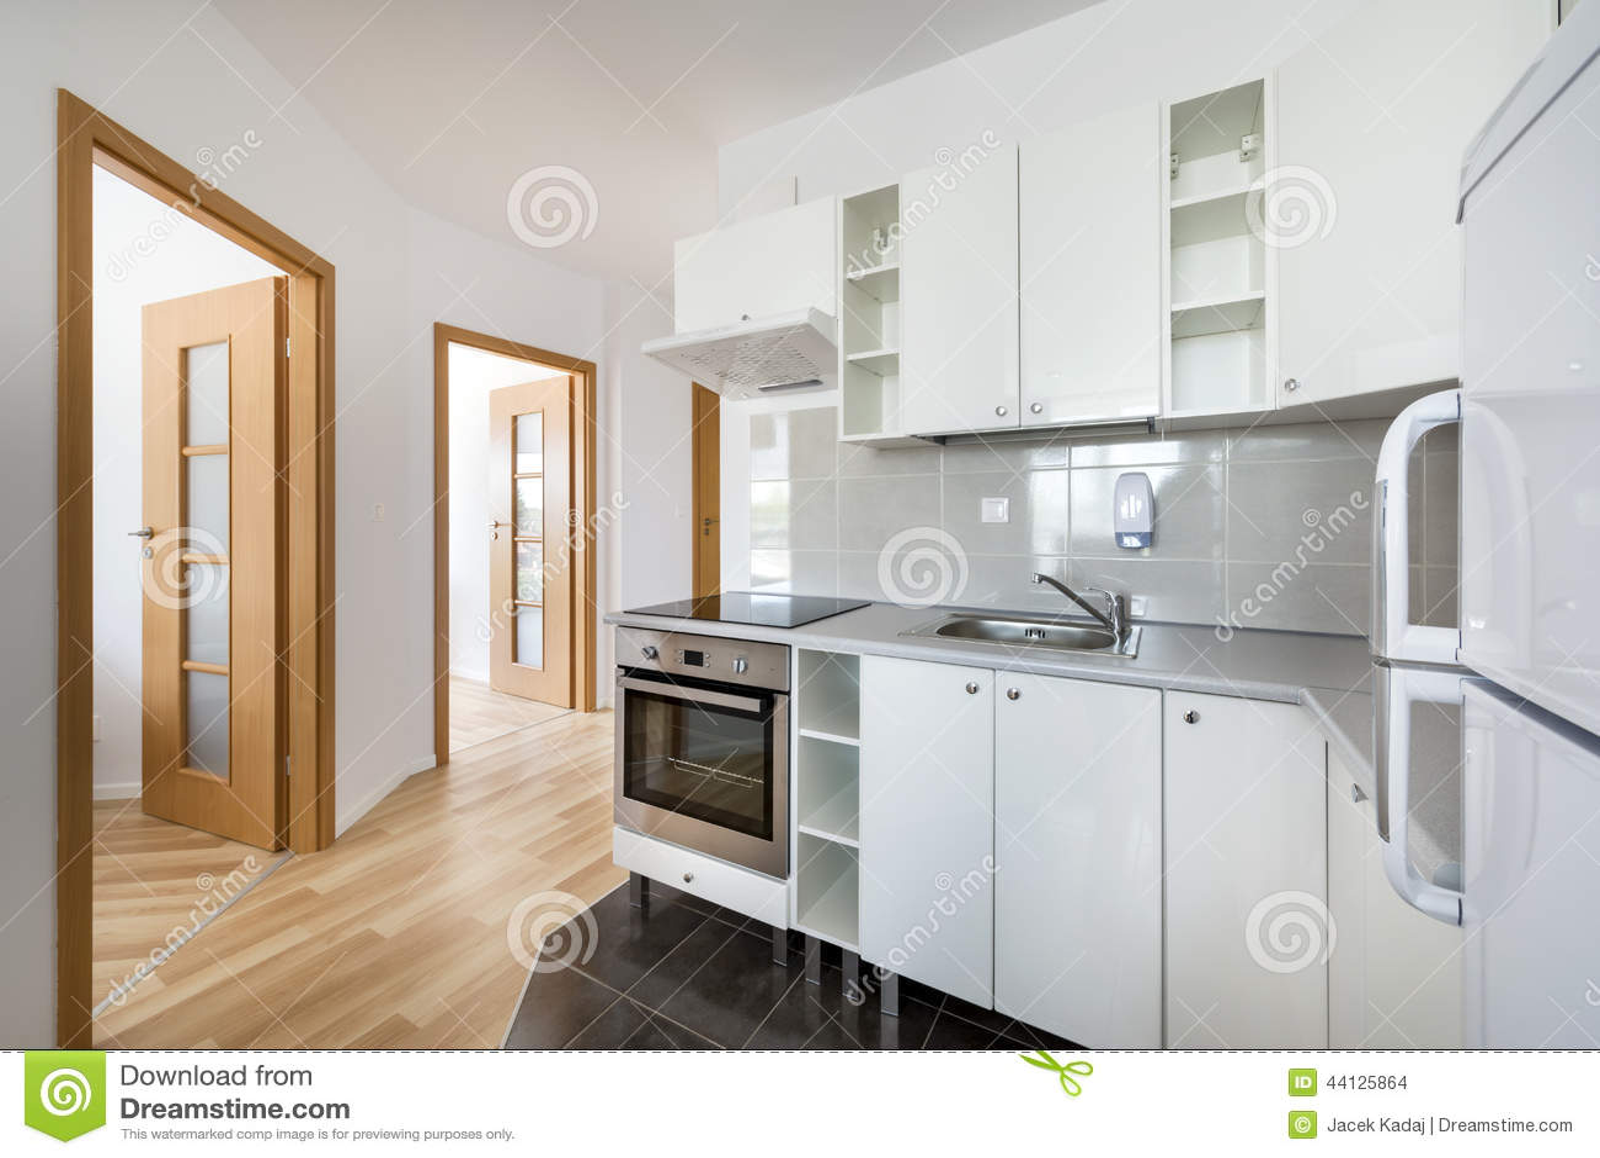 Design De Interiores Moderno Pequeno Branco Da Cozinha Foto de Stock  #684725 1300 958